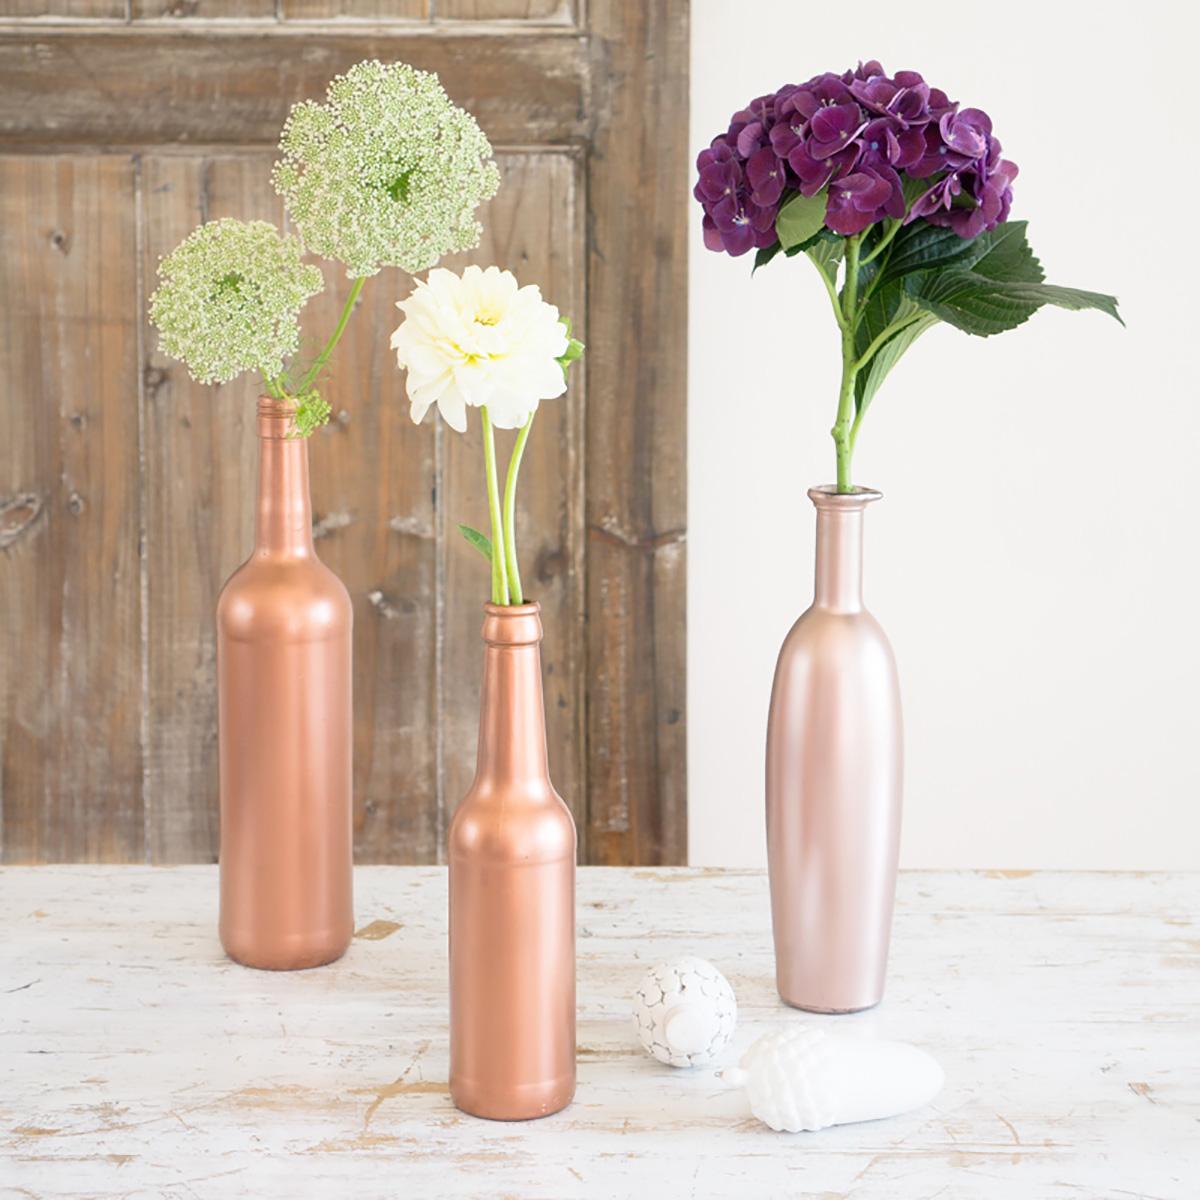 diy-nachhaltigkeit-vasen-selber-machen-aus-alten-flaschen-mit-kupfer-farbe-soulsistermeetsfriends-2